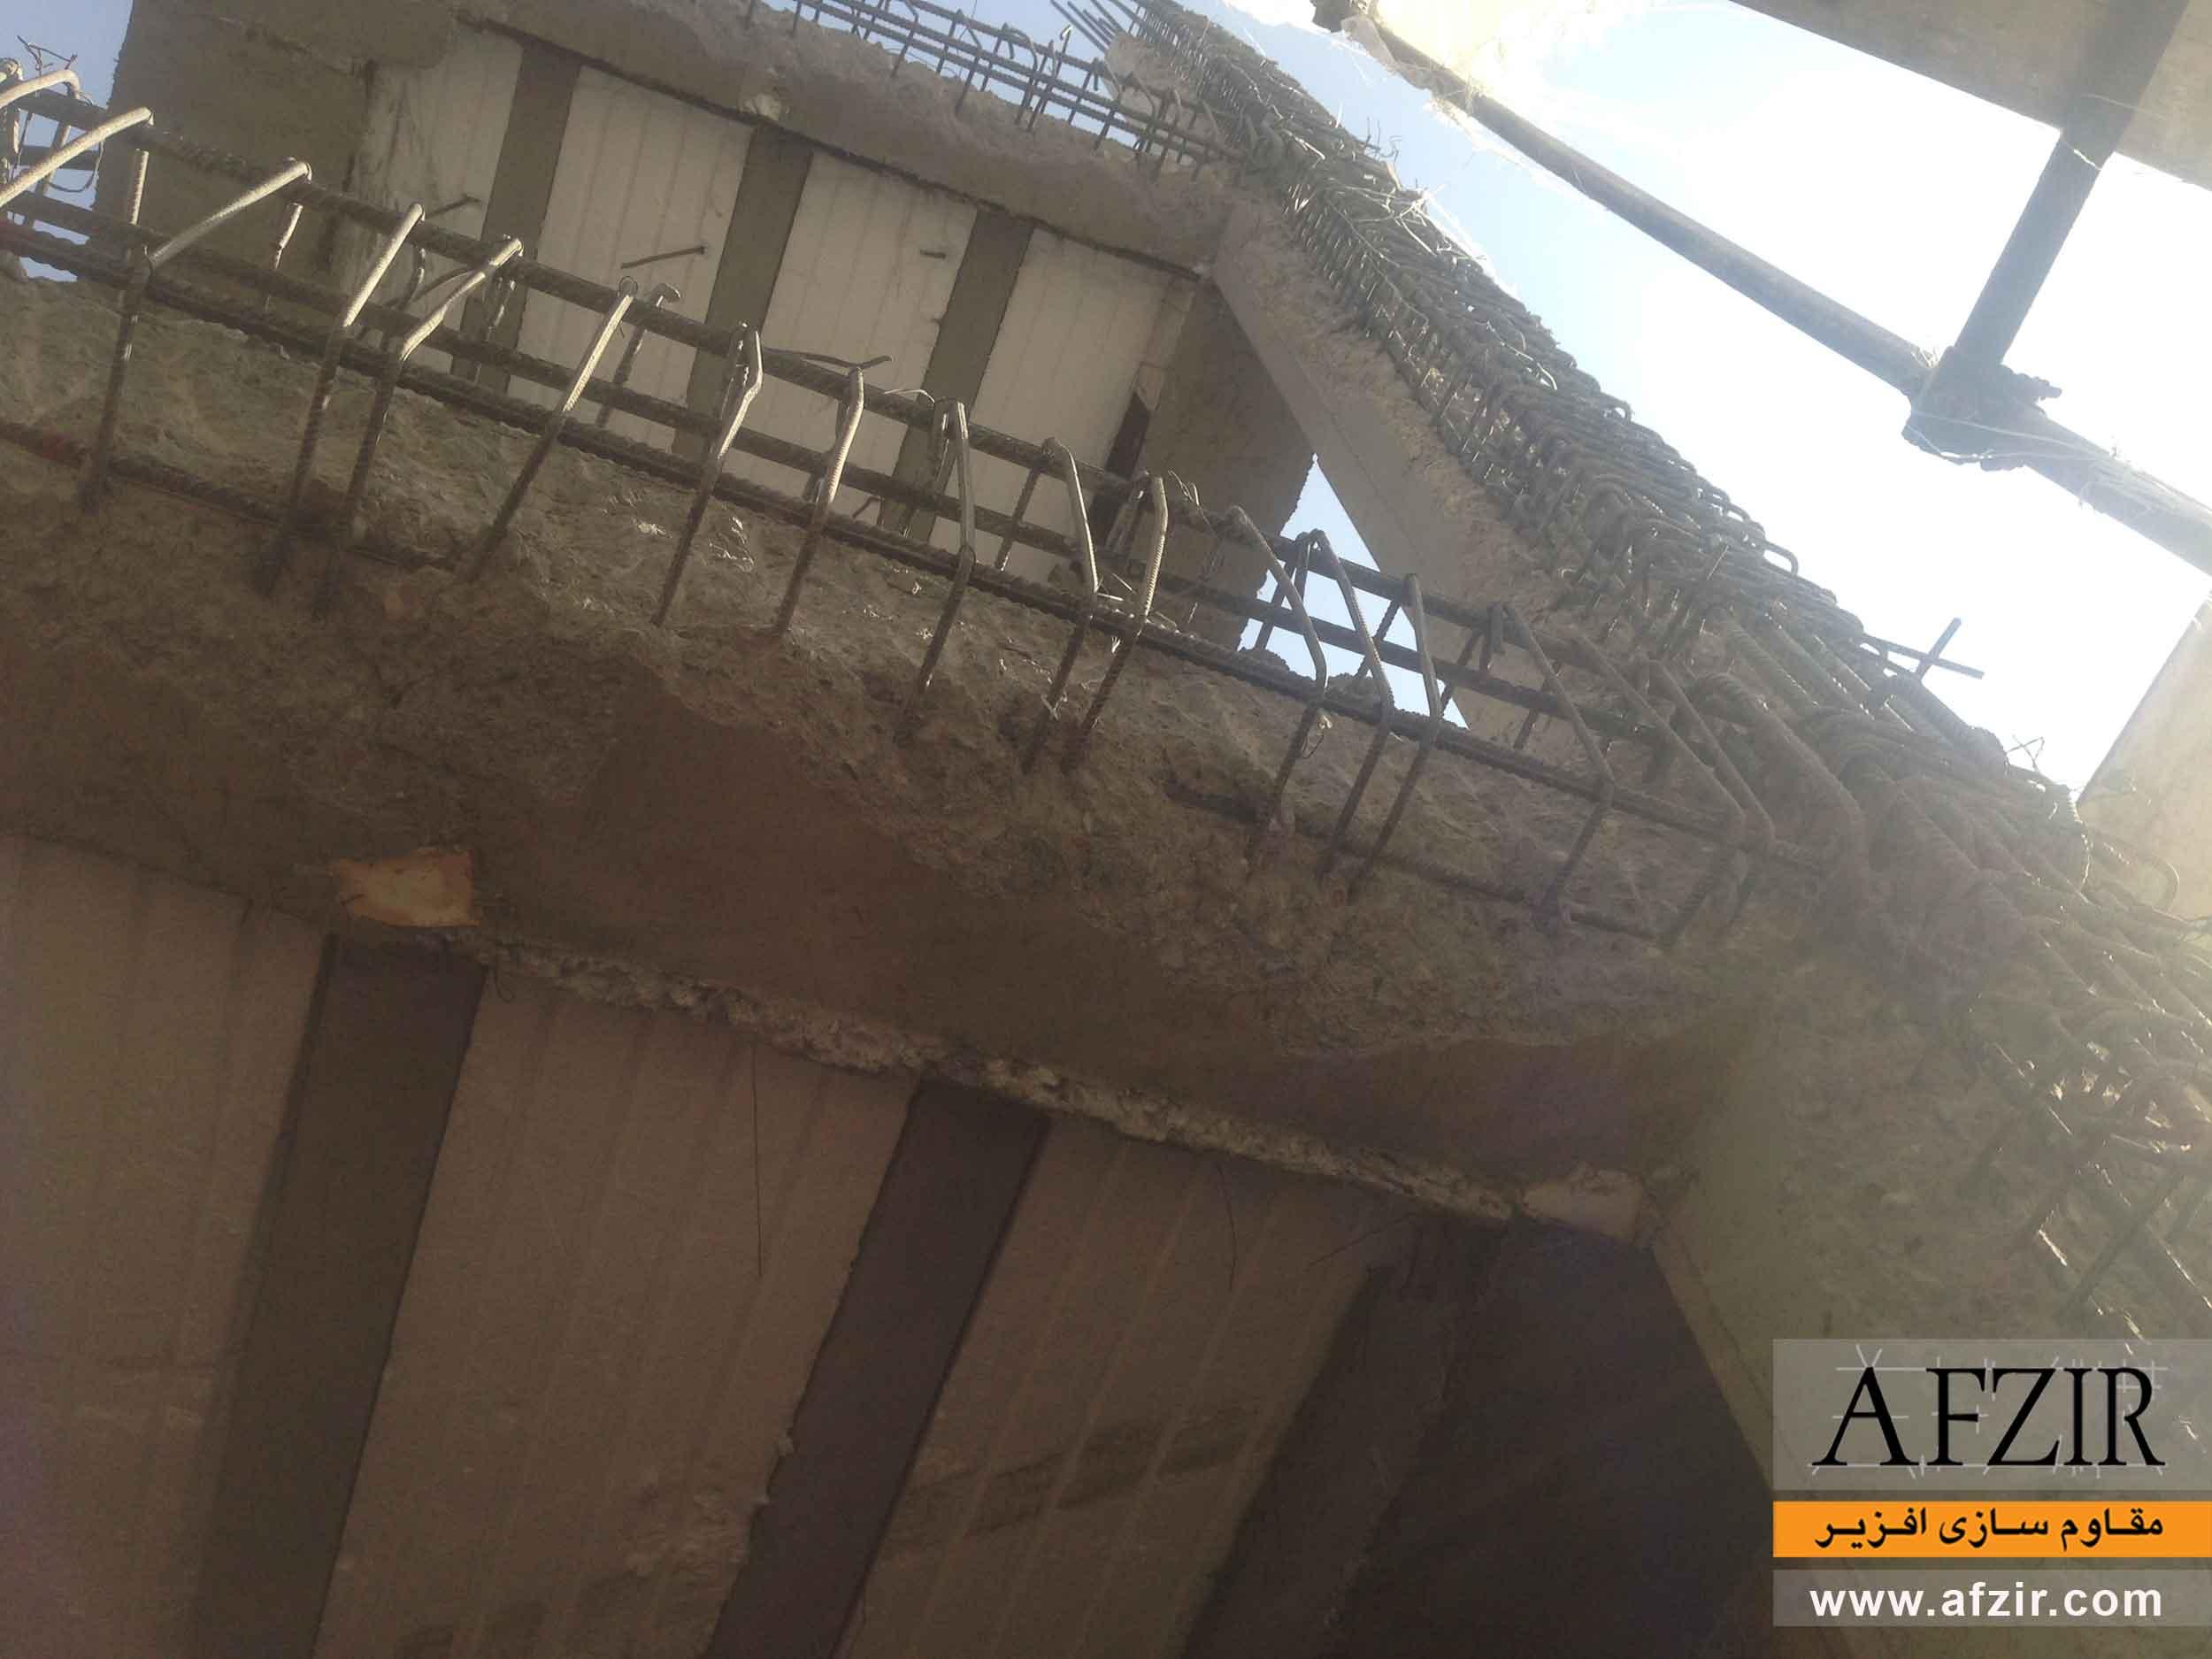 مشاكل الاعمدة الخرسانية from www.afzir.com